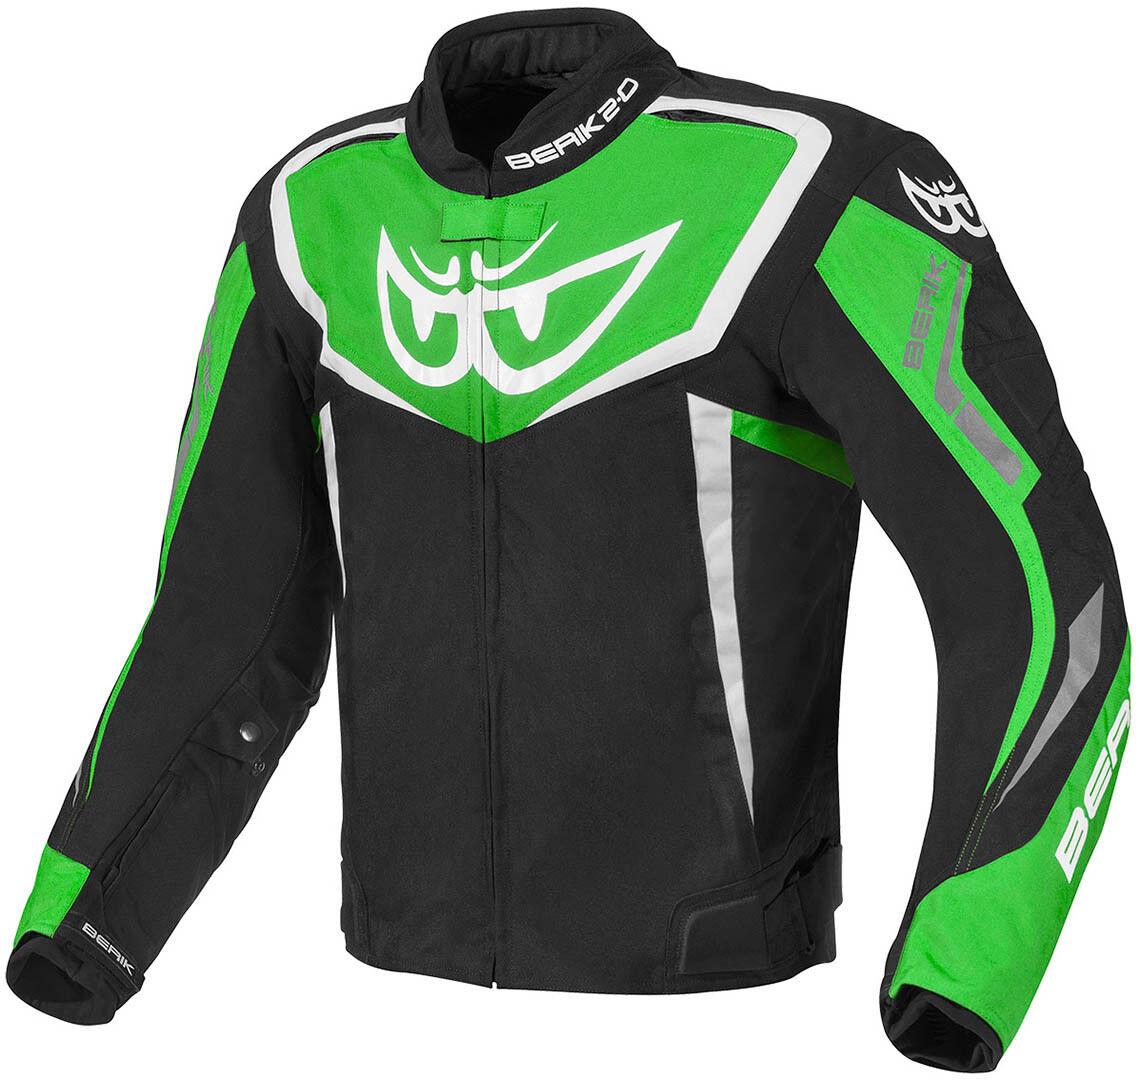 Berik Bad Eye Veste textile de moto imperméable à l'eau Noir Blanc Vert taille : 48